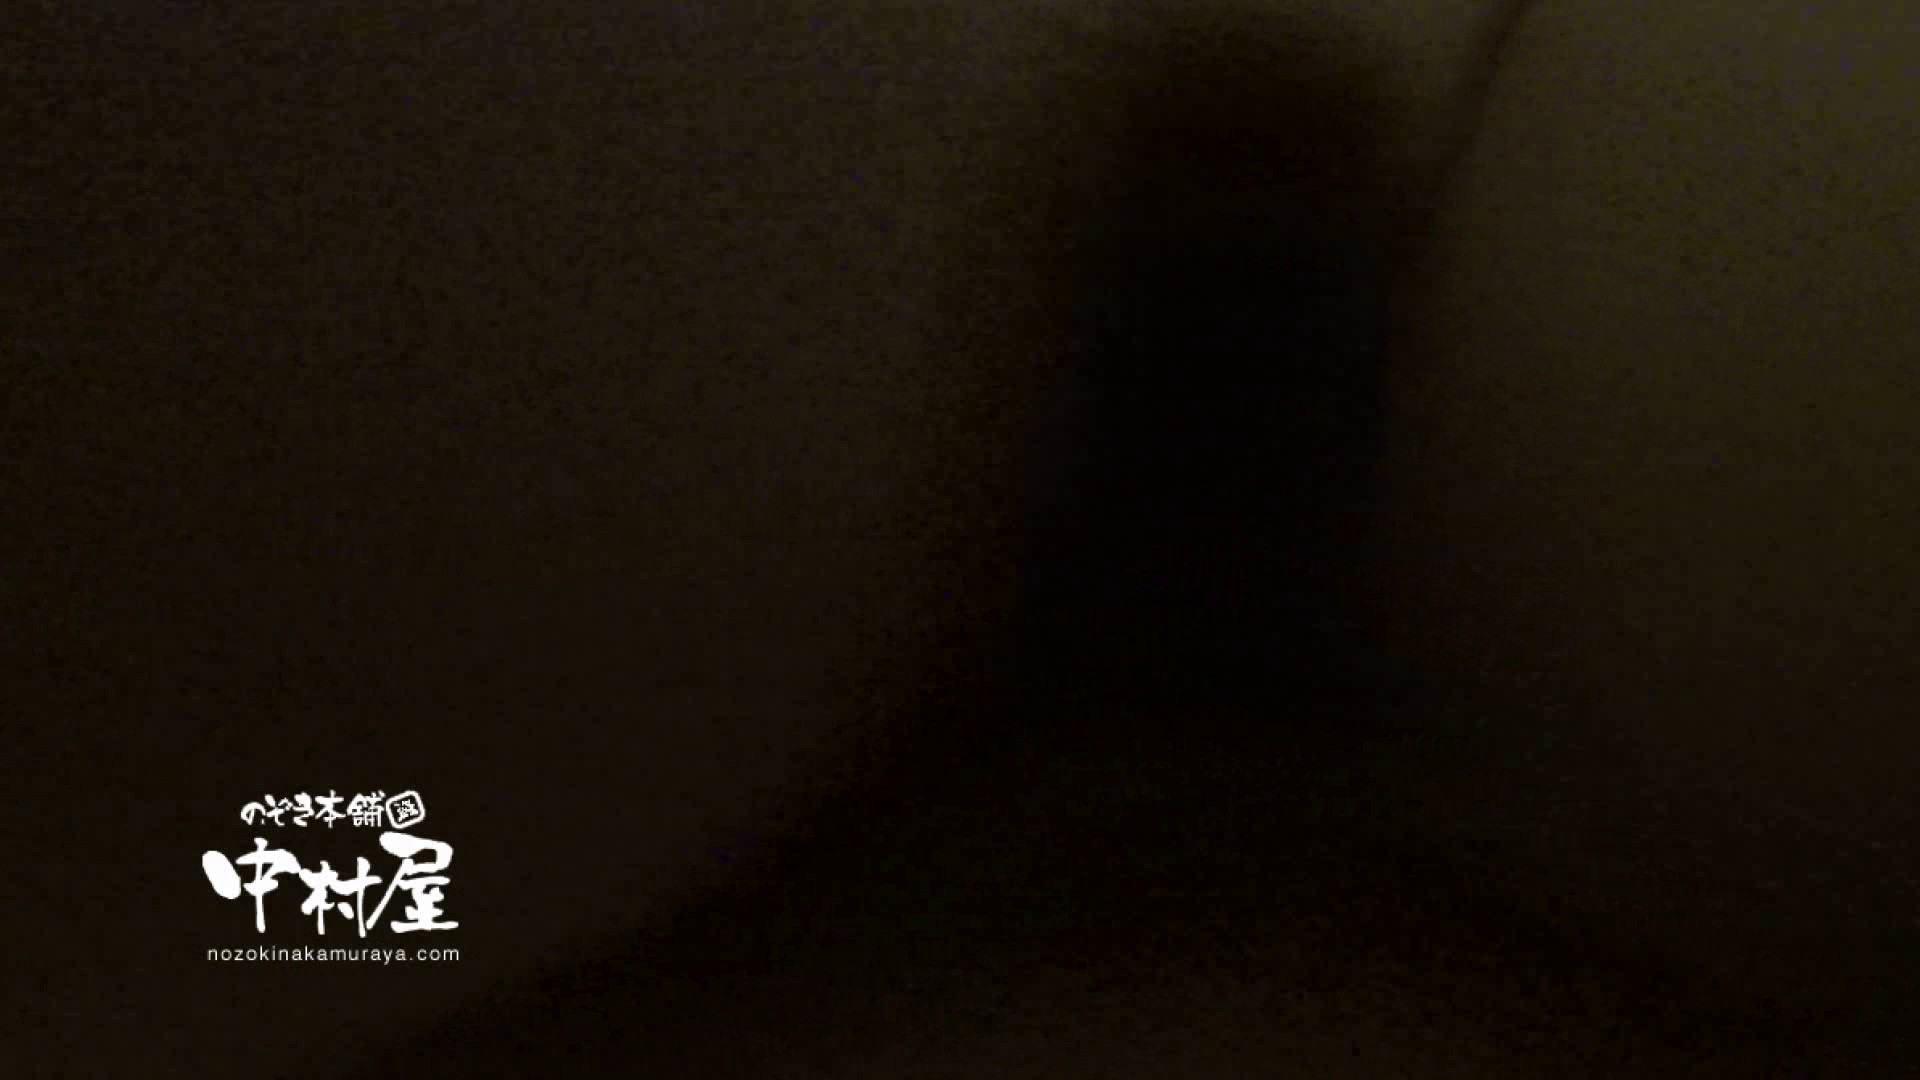 鬼畜 vol.08 極悪!妊娠覚悟の中出し! 後編 中出し 隠し撮りオマンコ動画紹介 94pic 86